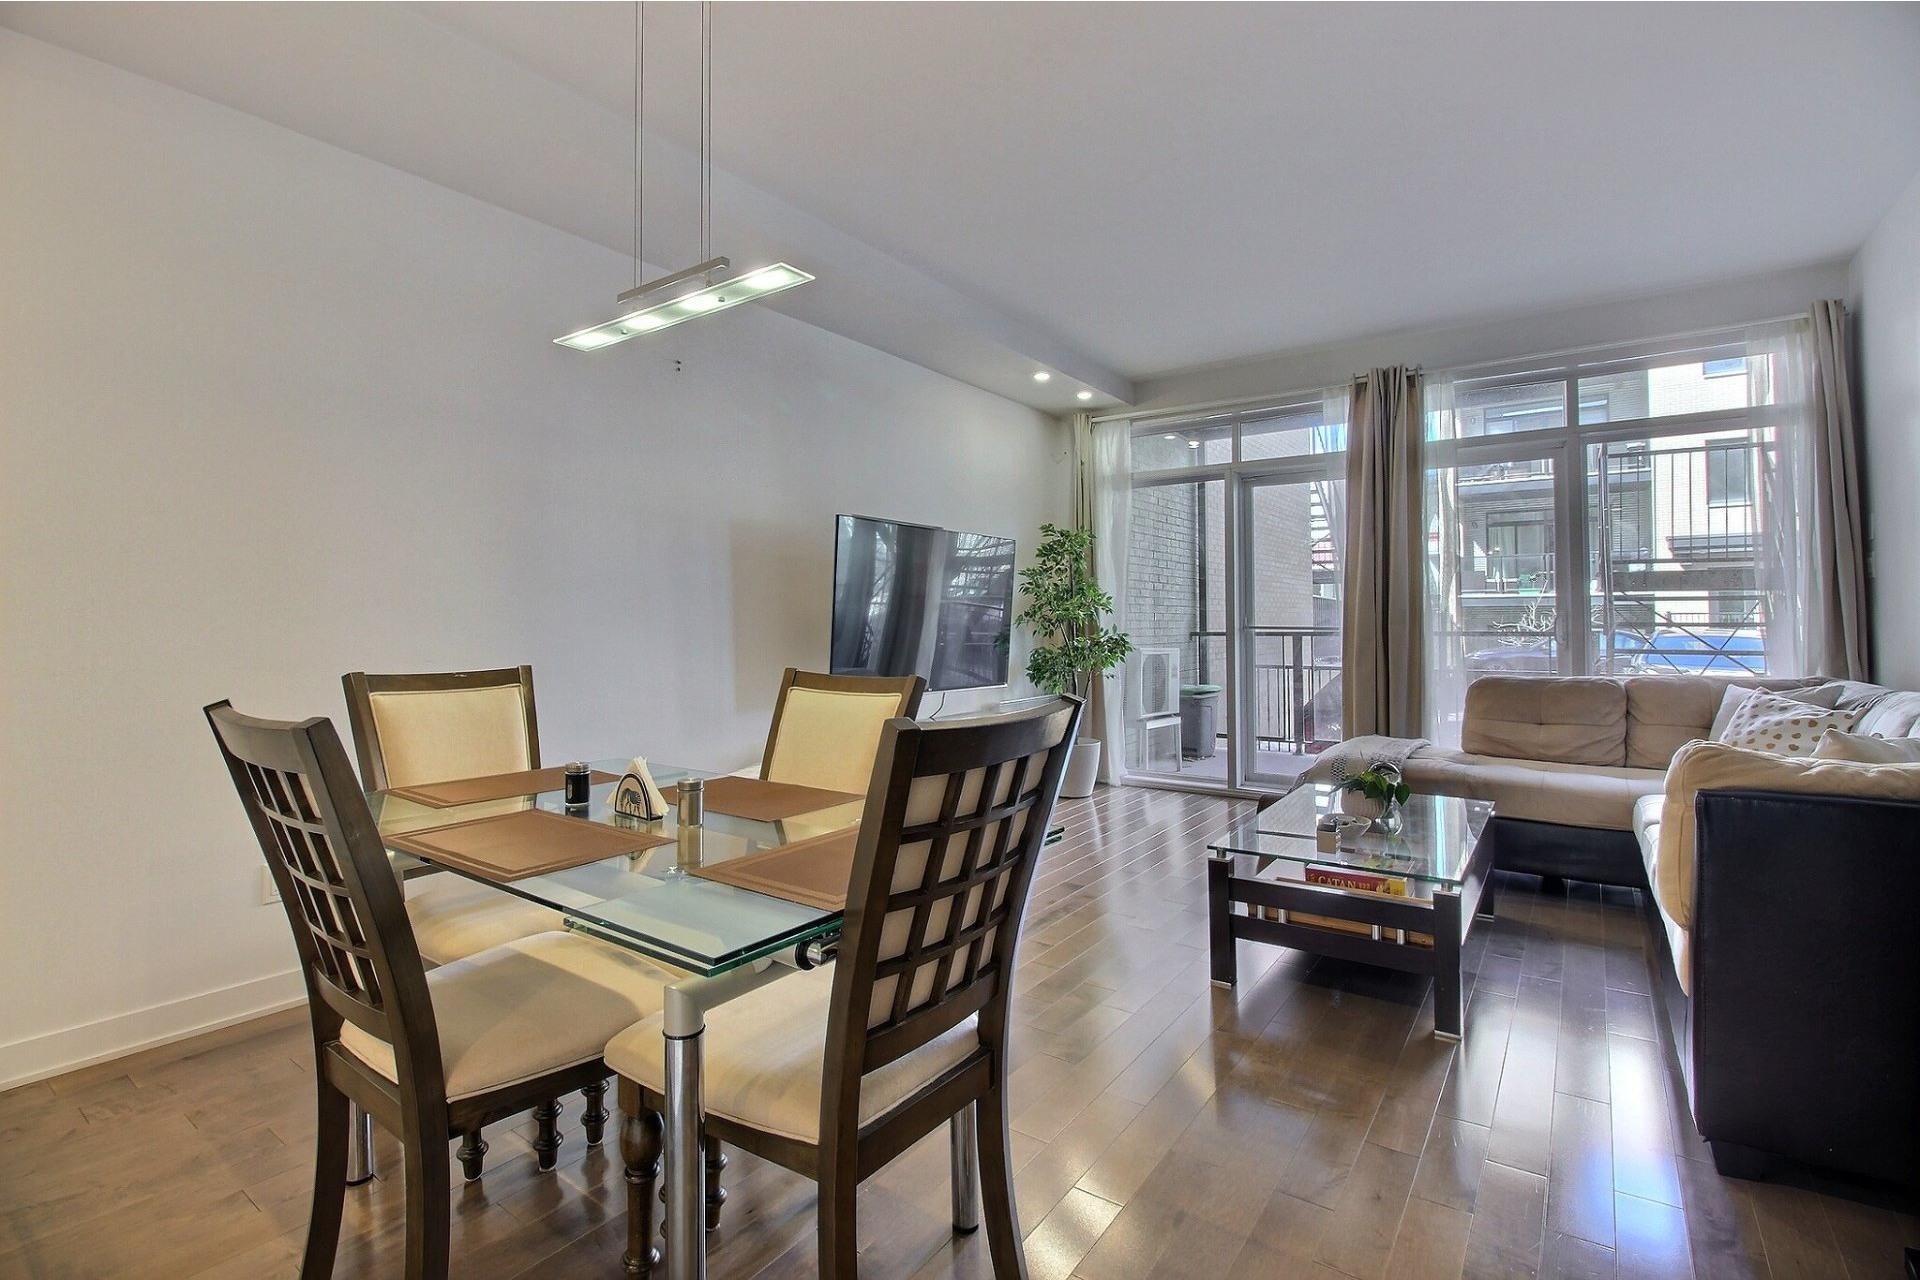 image 9 - Apartment For sale Ville-Marie Montréal  - 3 rooms